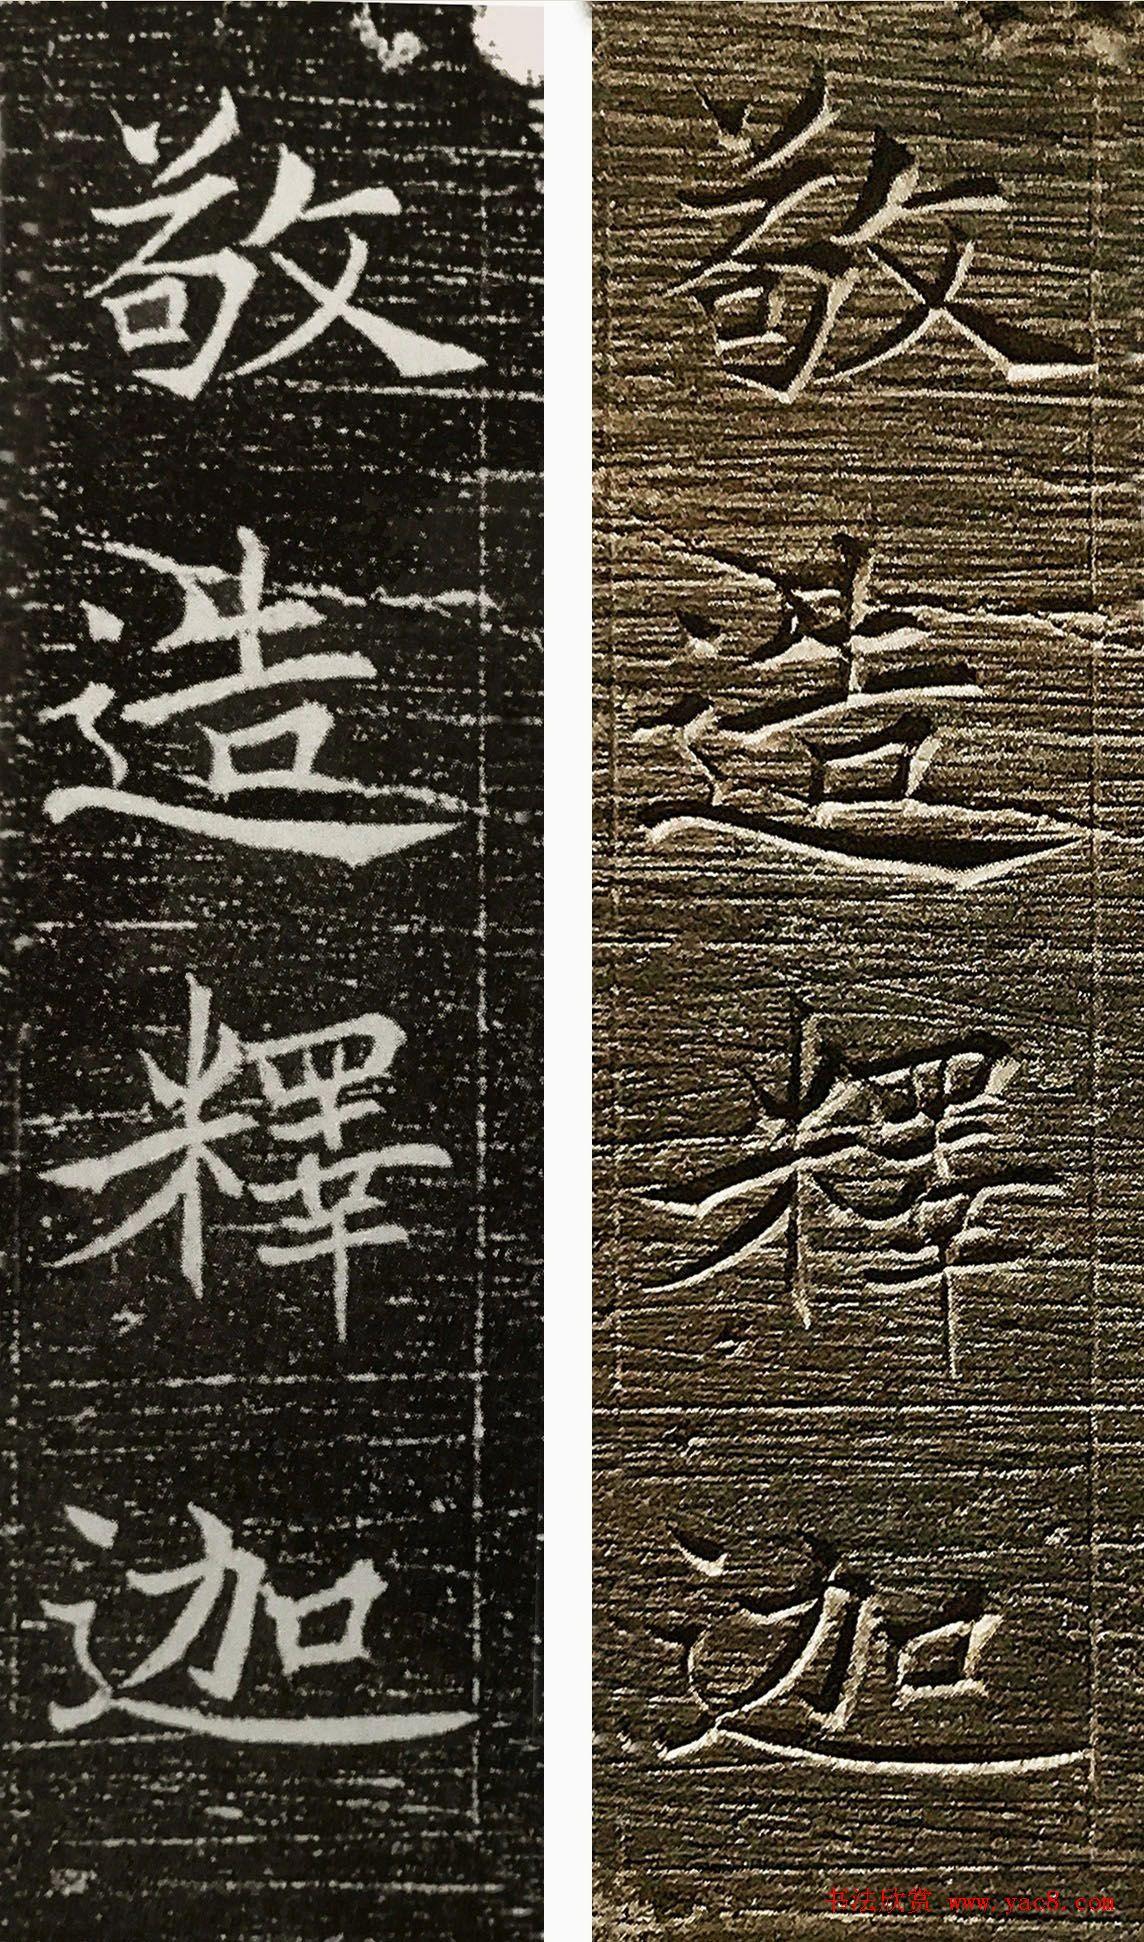 唐僧楷书欣赏《玄奘法师释迦佛造像记》